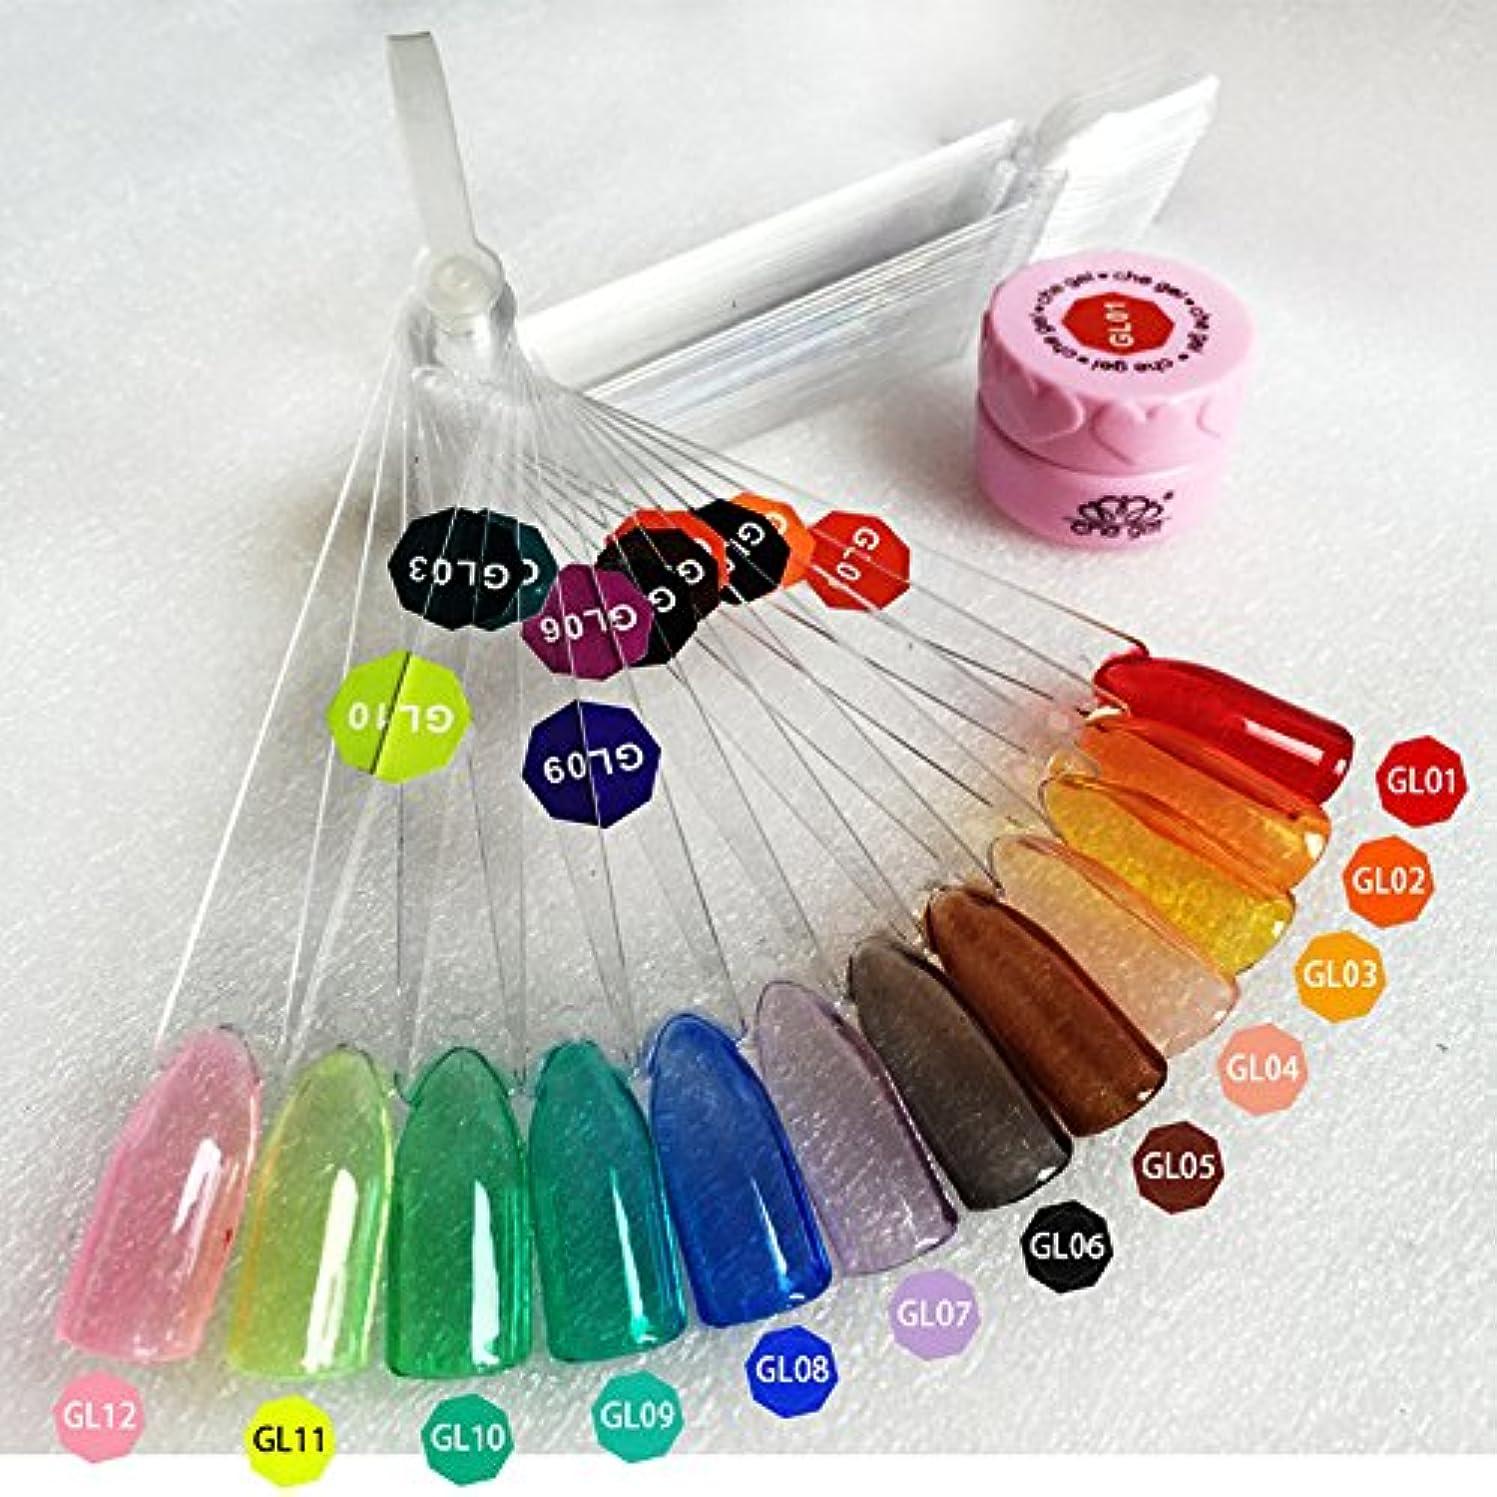 持つ採用要求するジェルネイルカラークリアカラージェル ネイルアートネイルパーツネイルマニキュアソークオフ   3gケース入り12色から選び  (1)